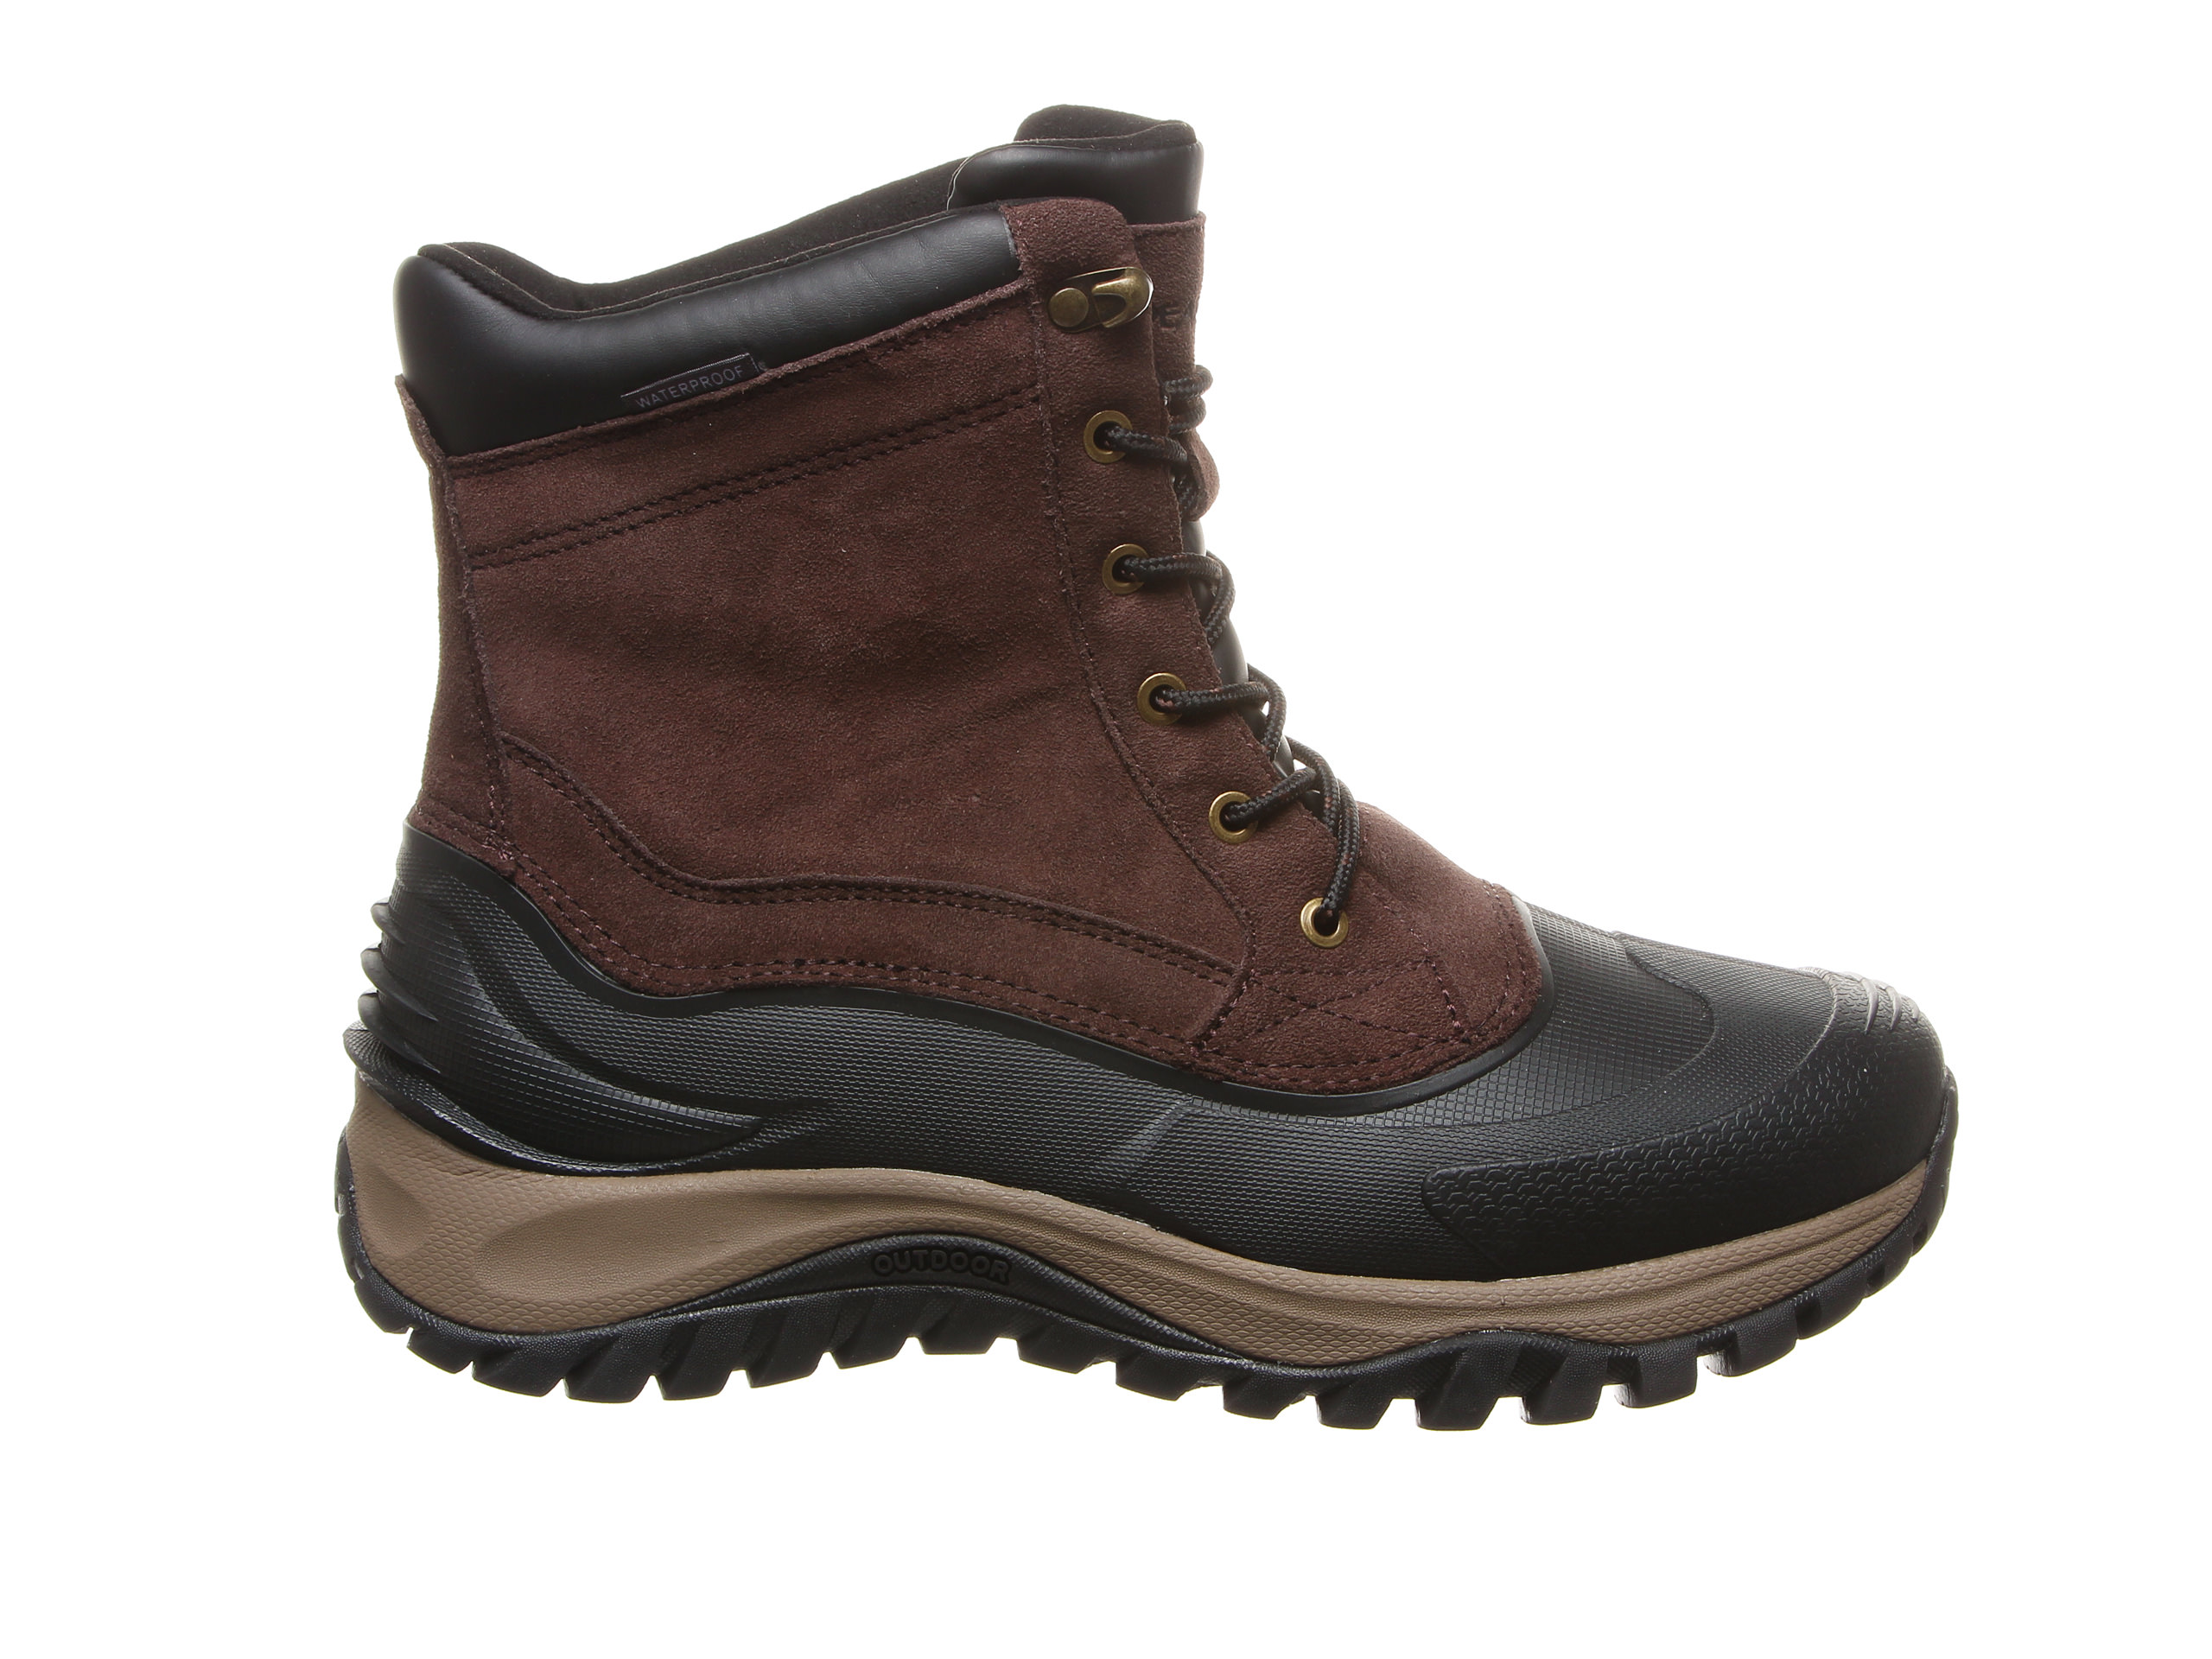 Bearpaw Teton Men's Boots (Brown)